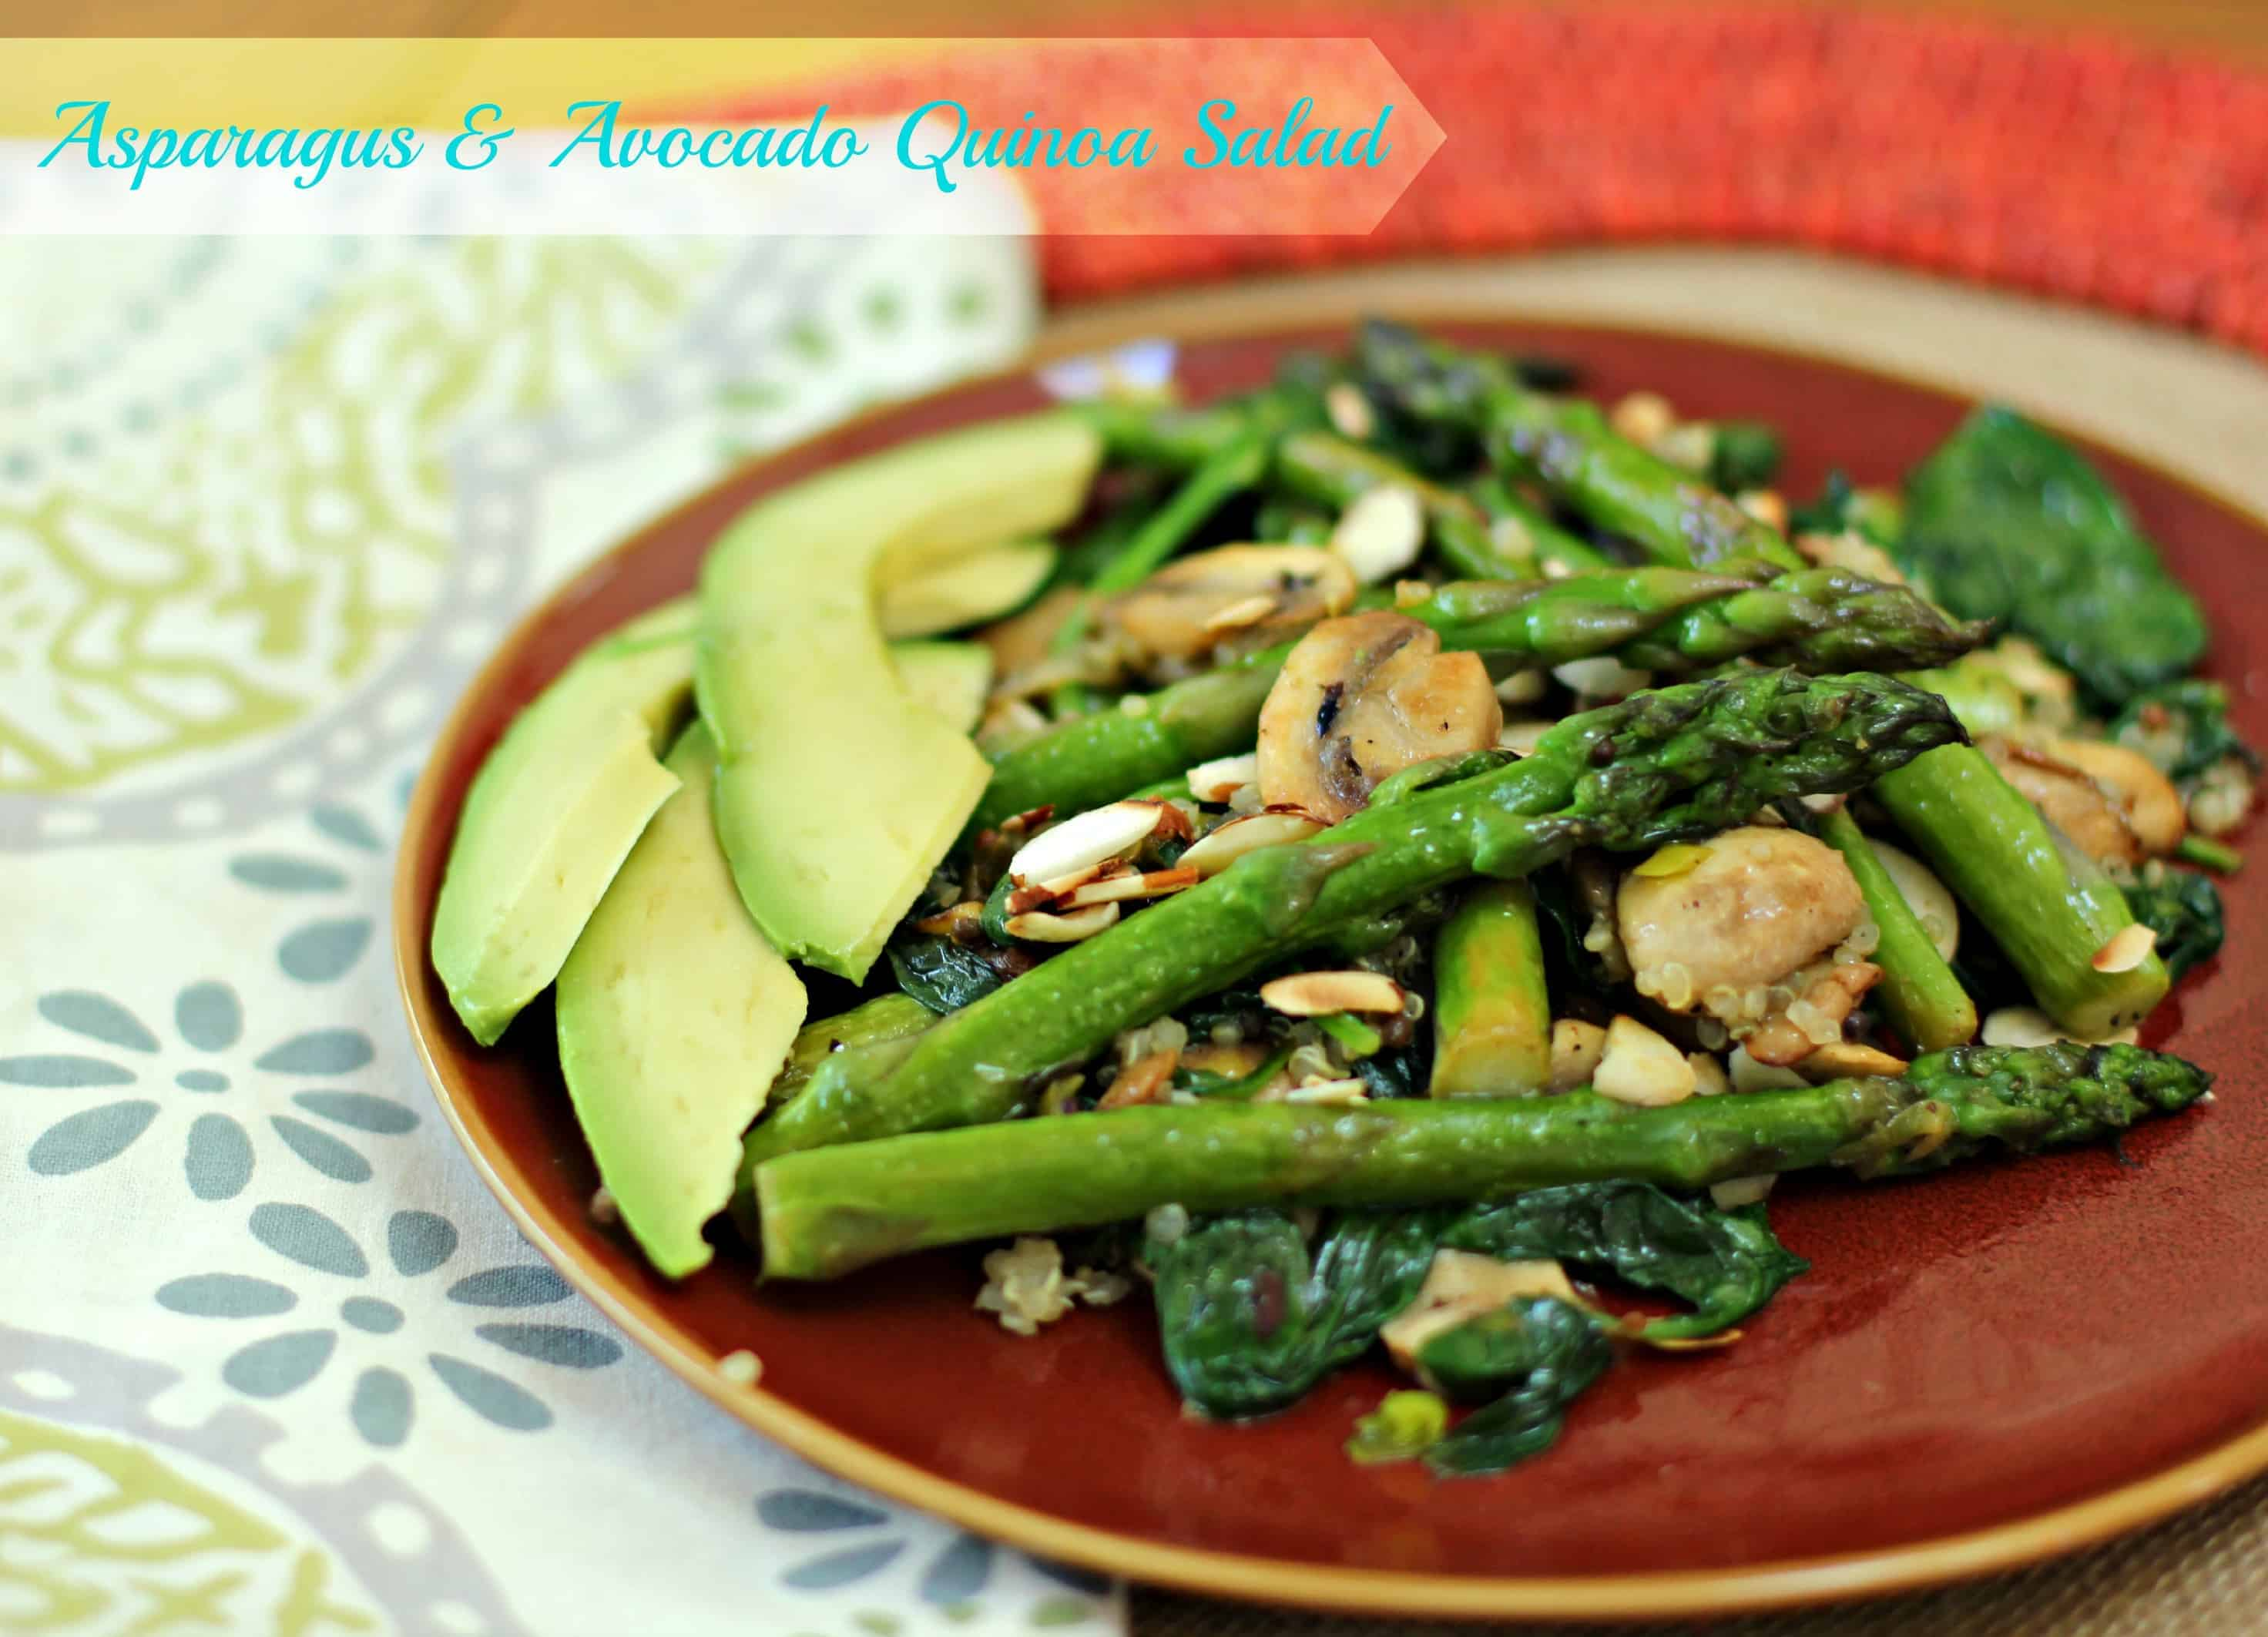 Asparagus & Avocado Quinoa Salad